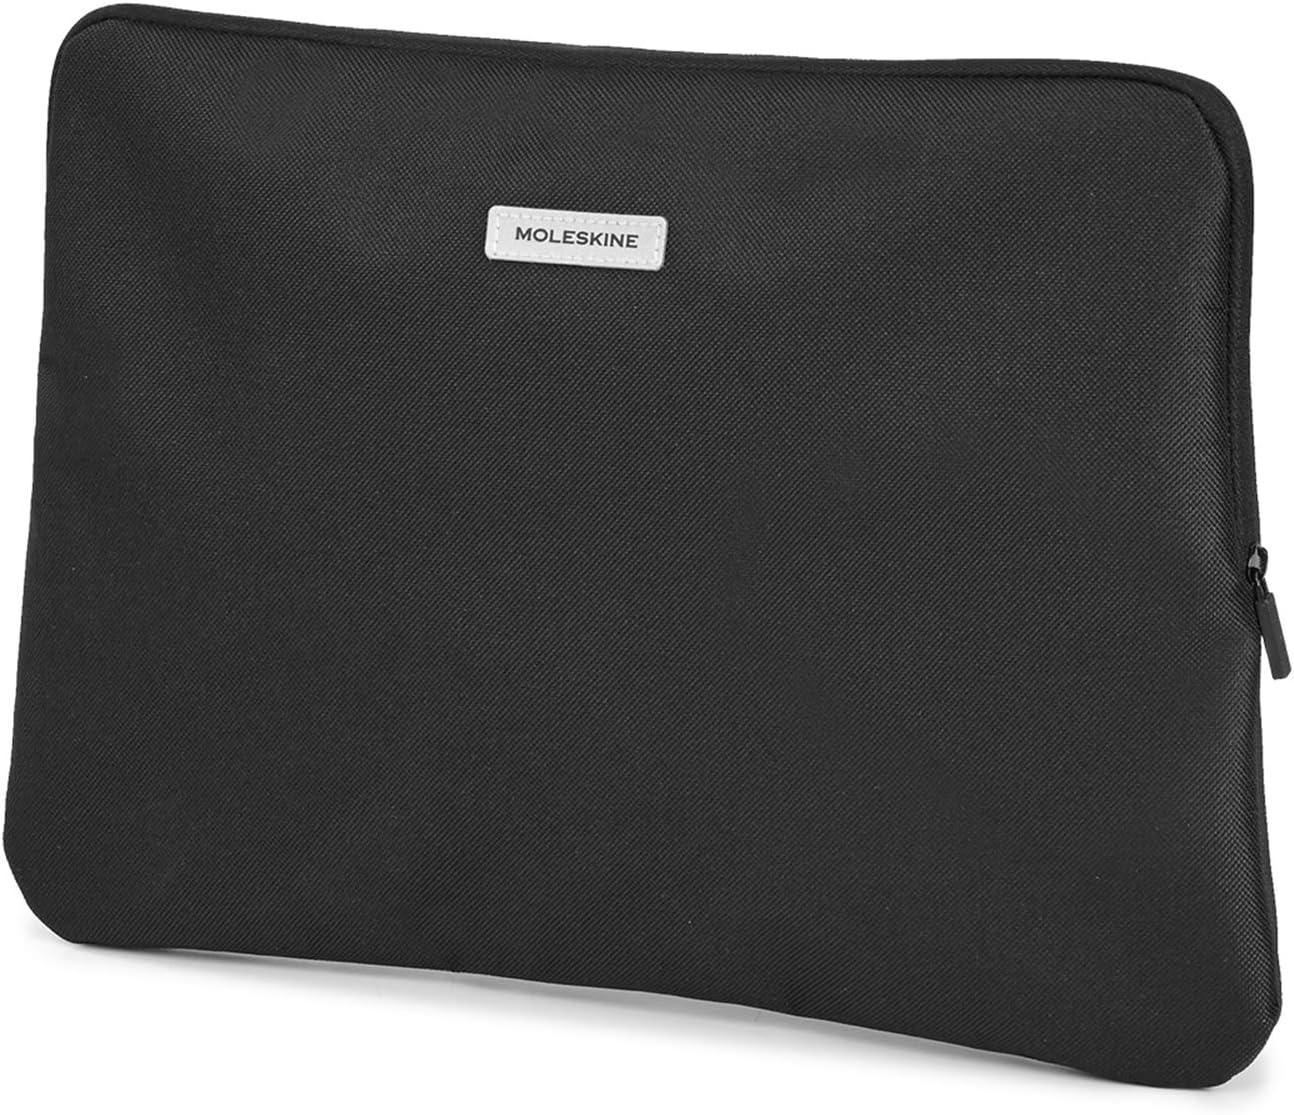 Moleskine Reisetasche Mini Tasche Für Laptop Ipad Tablett Und Notizbuch Bis Zu 13 Zoll Größe 36 X 25 5 X 1 Cm Schwarz Moleskine Bürobedarf Schreibwaren